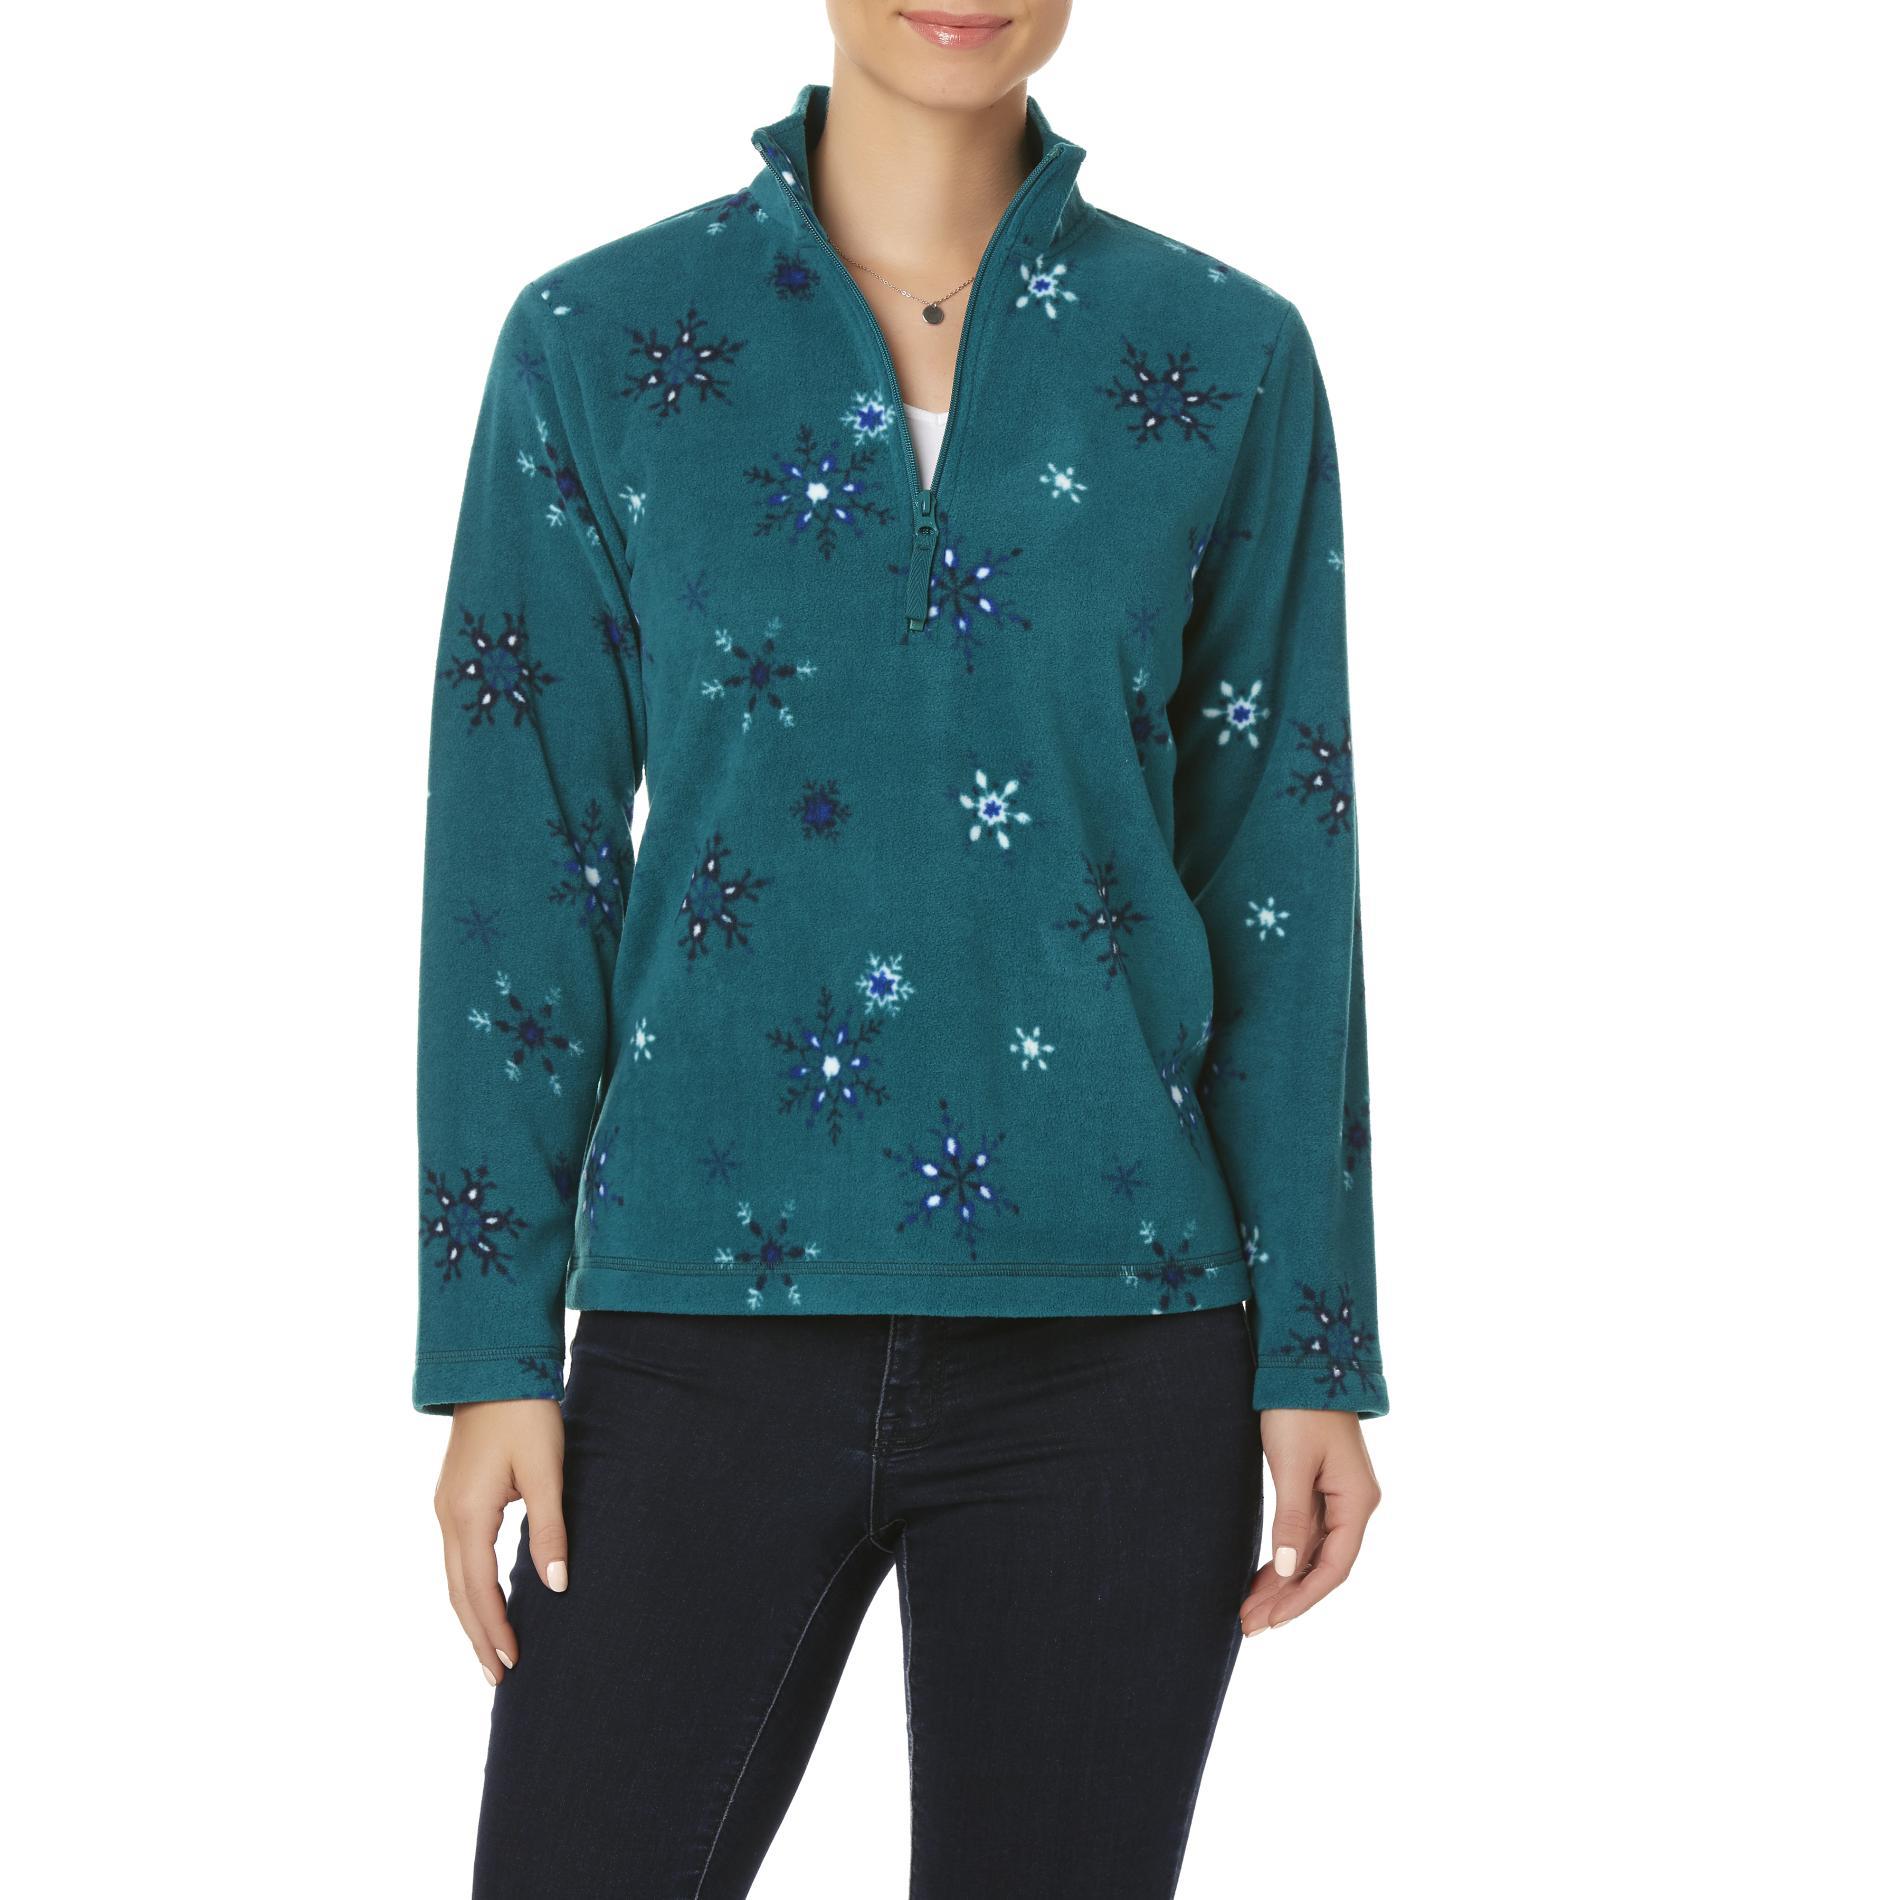 Laura Scott Petites' Quarter-Zip Sweatshirt - Snowflakes PartNumber: 016VA99087112P MfgPartNumber: WH7LS78205PT